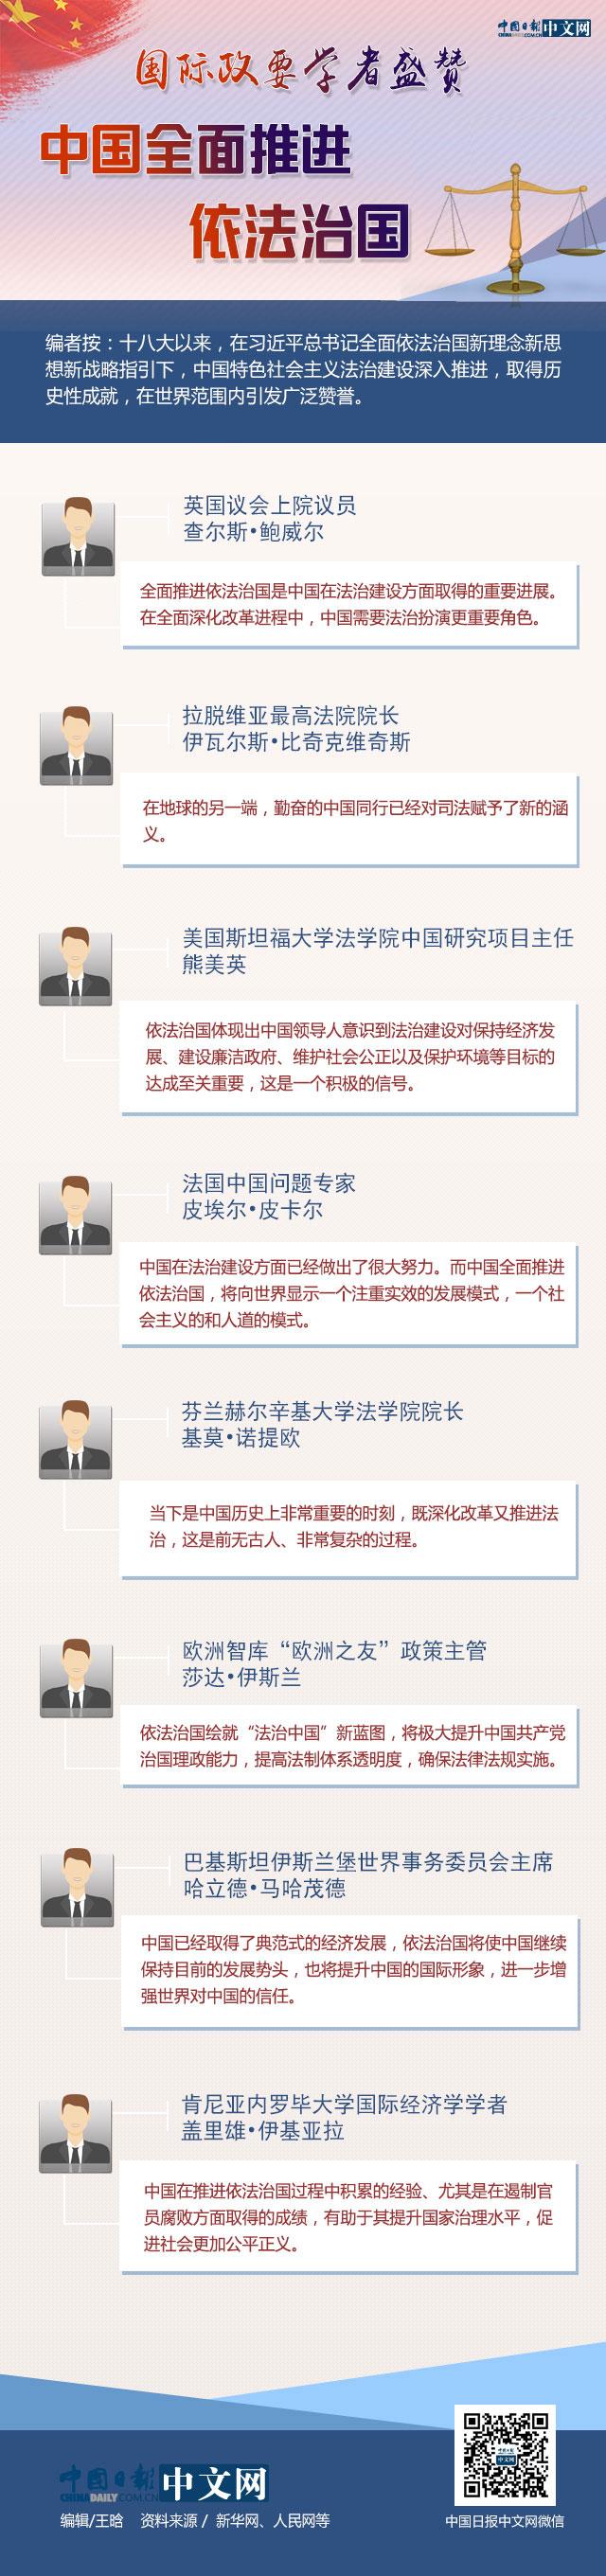 国际政要学者盛赞中国全面推进依法治国